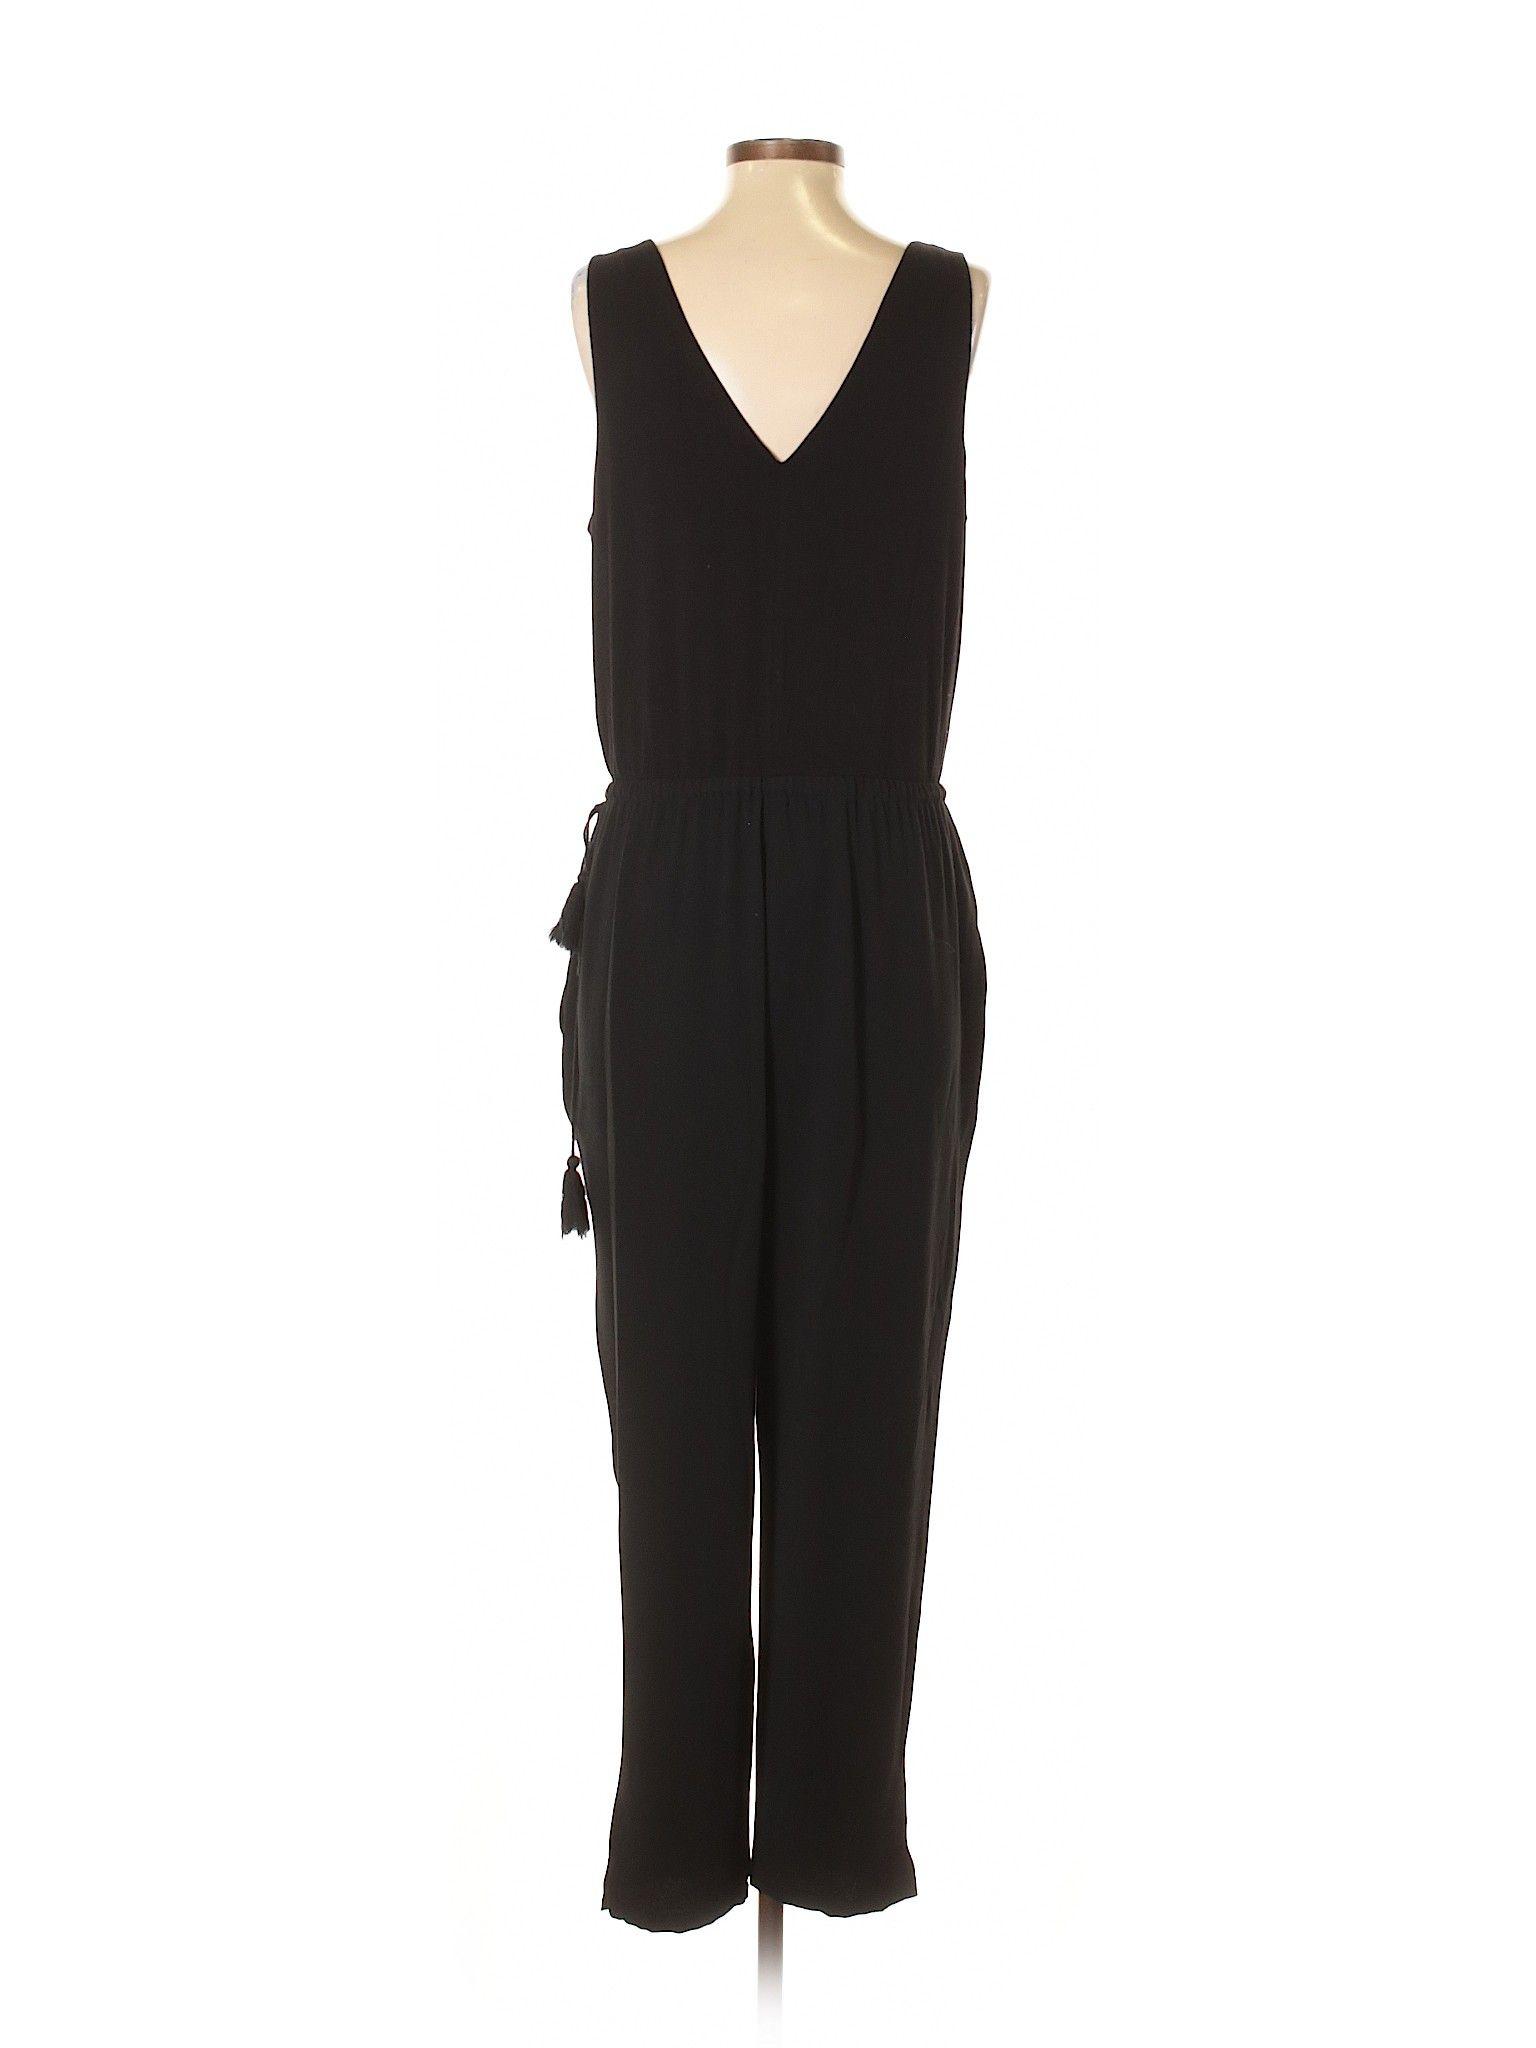 Ann Taylor Loft Jumpsuit Size 800 Black Womens Dresses 3999